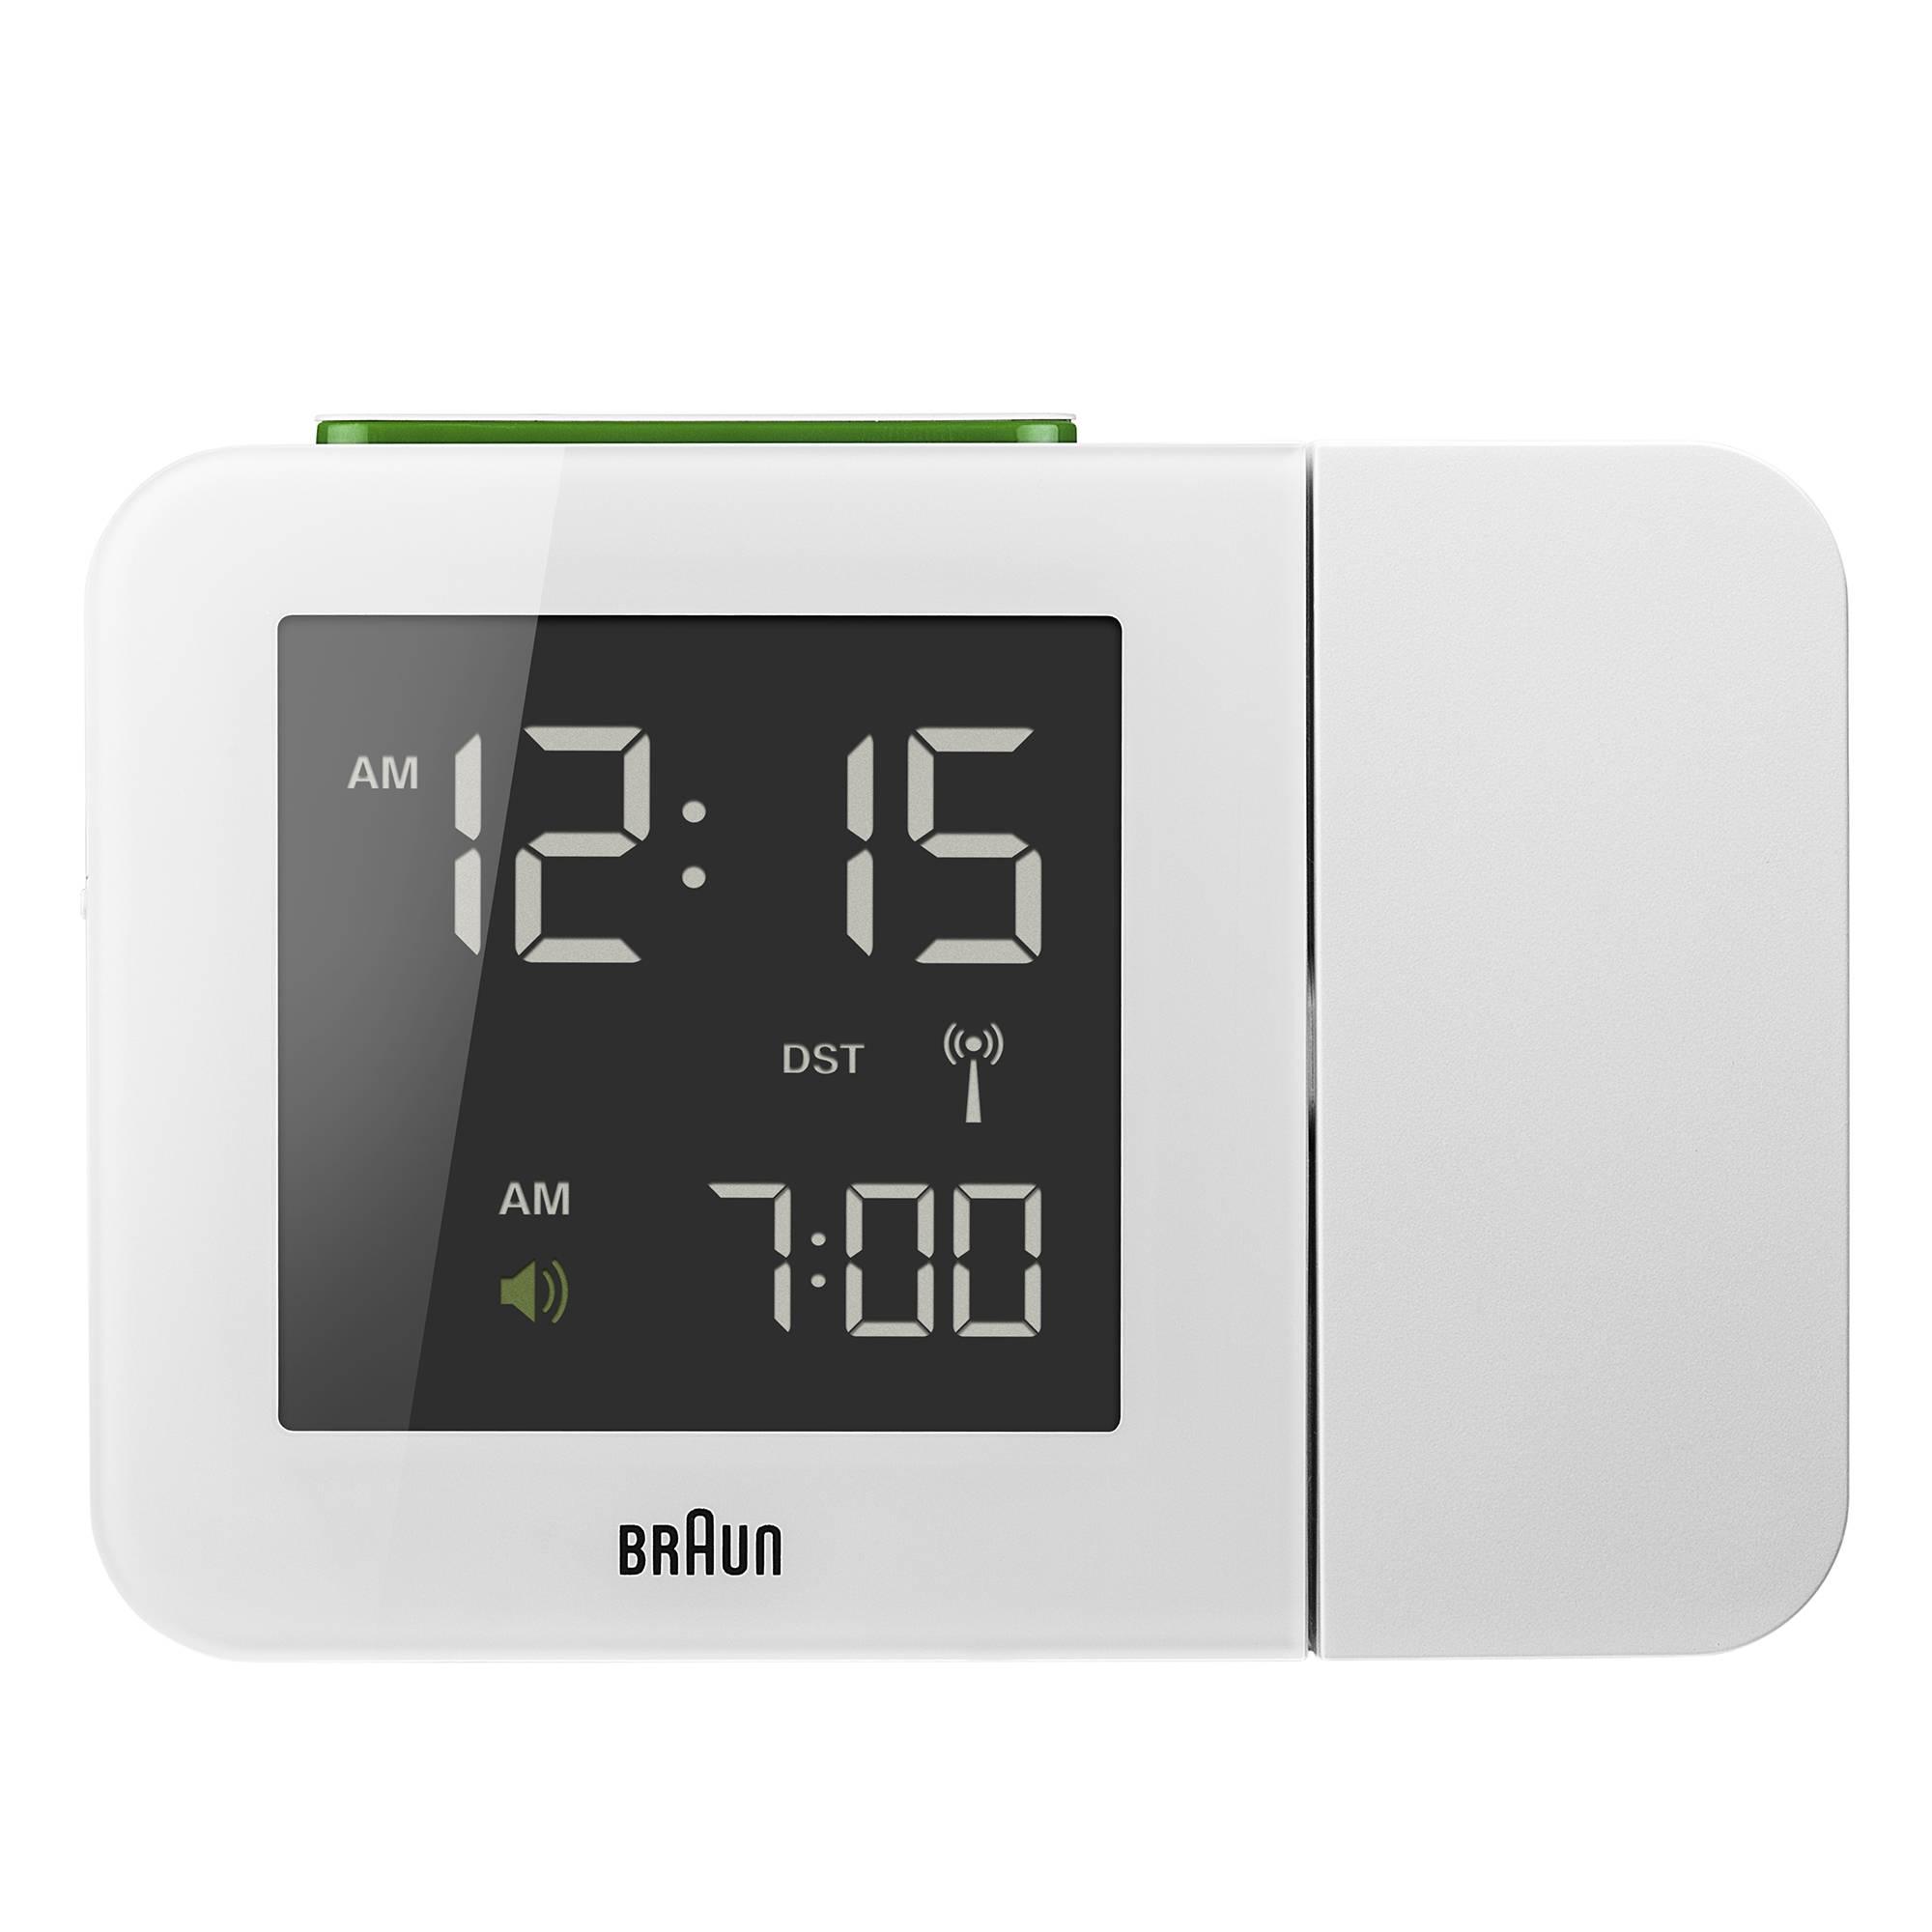 Stylish witte projectiewekker van Braun met zwart scherm waarop de tijd en het alarm te zien is. de knop bovenop is groen.